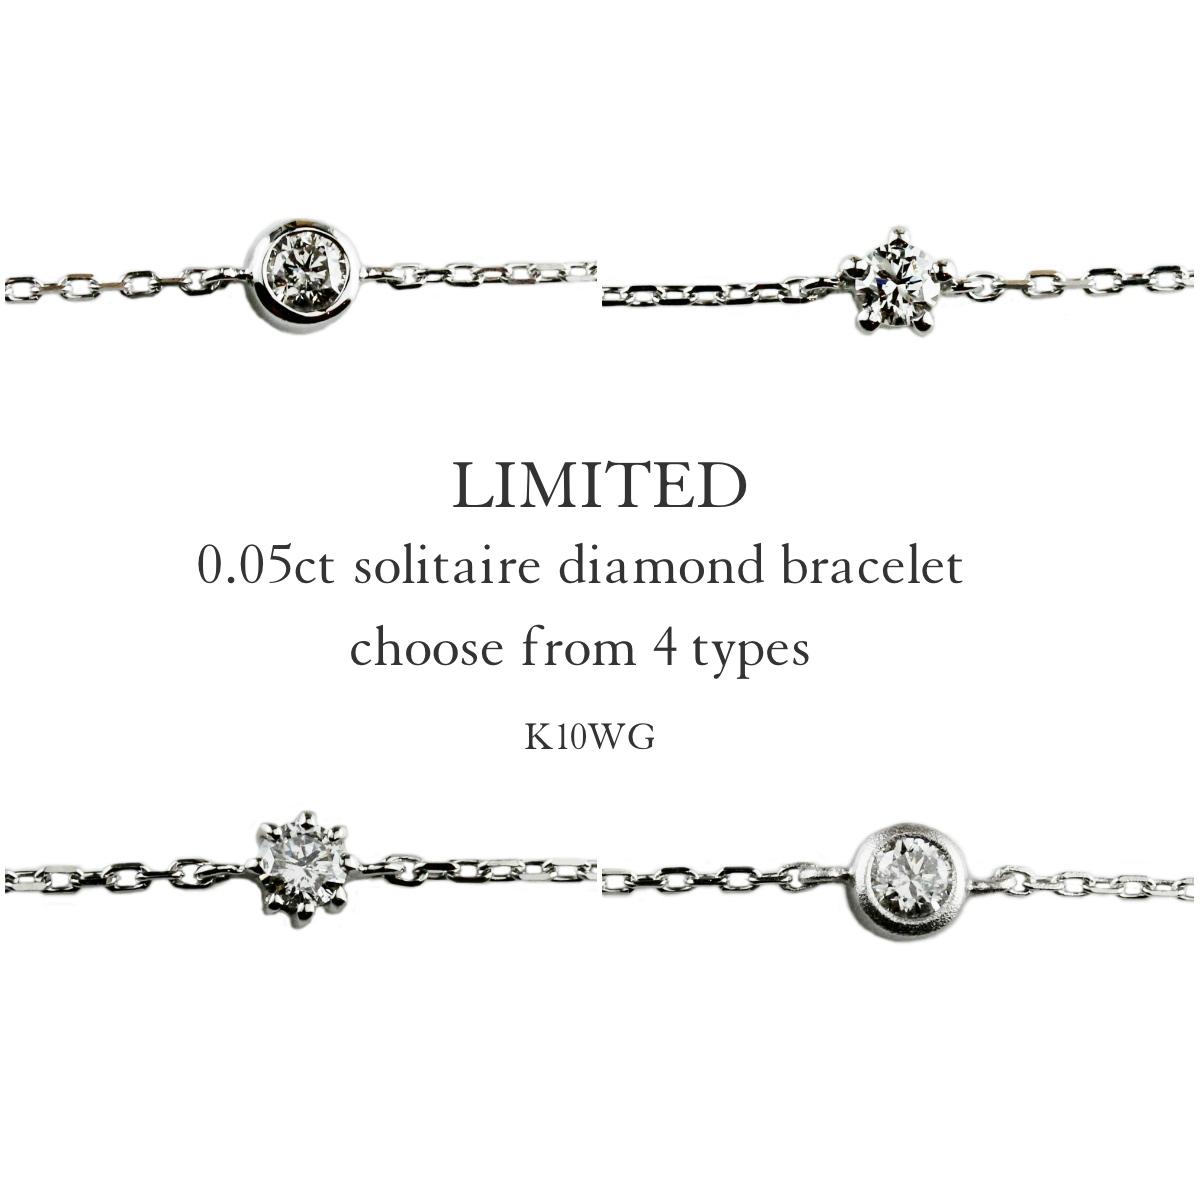 レ デッサン ドゥ デュー 限定 一粒ダイヤモンド 華奢ブレスレット 10金,les desseins de DIEU Solitaire Diamond Bracelet K10WG